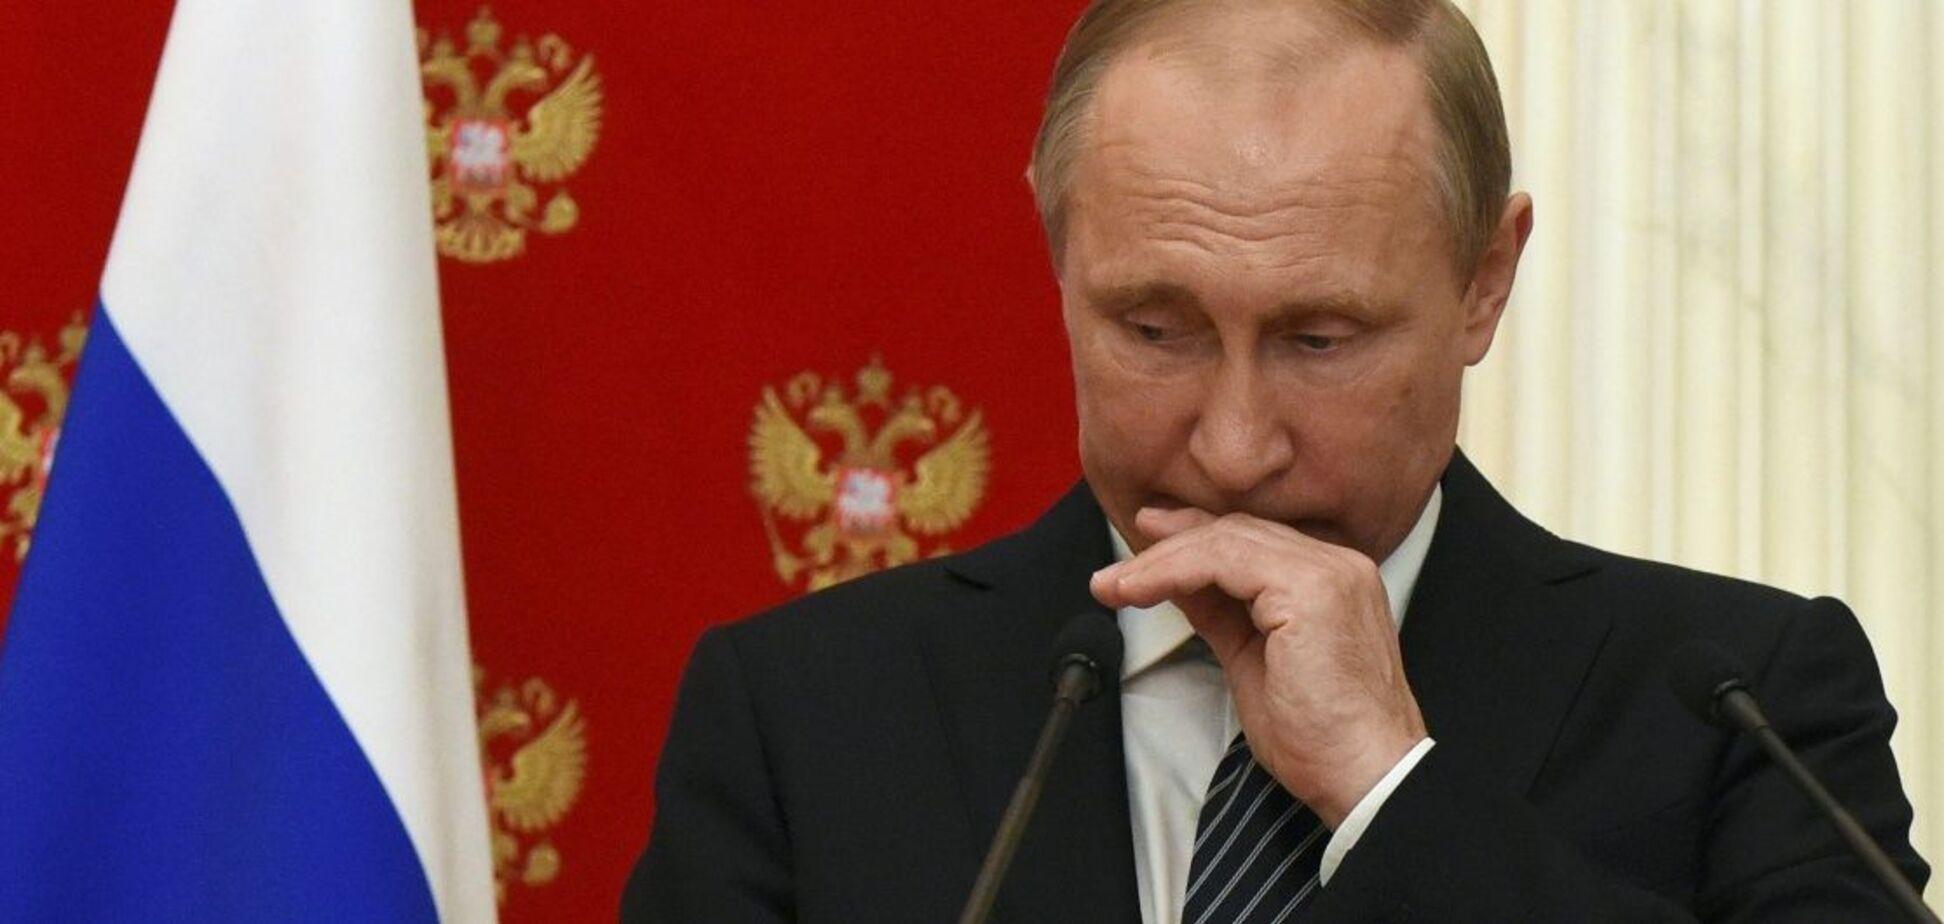 'Росія зникне': в ПАРЄ розповіли, чому Путін тримає Україну в заручниках